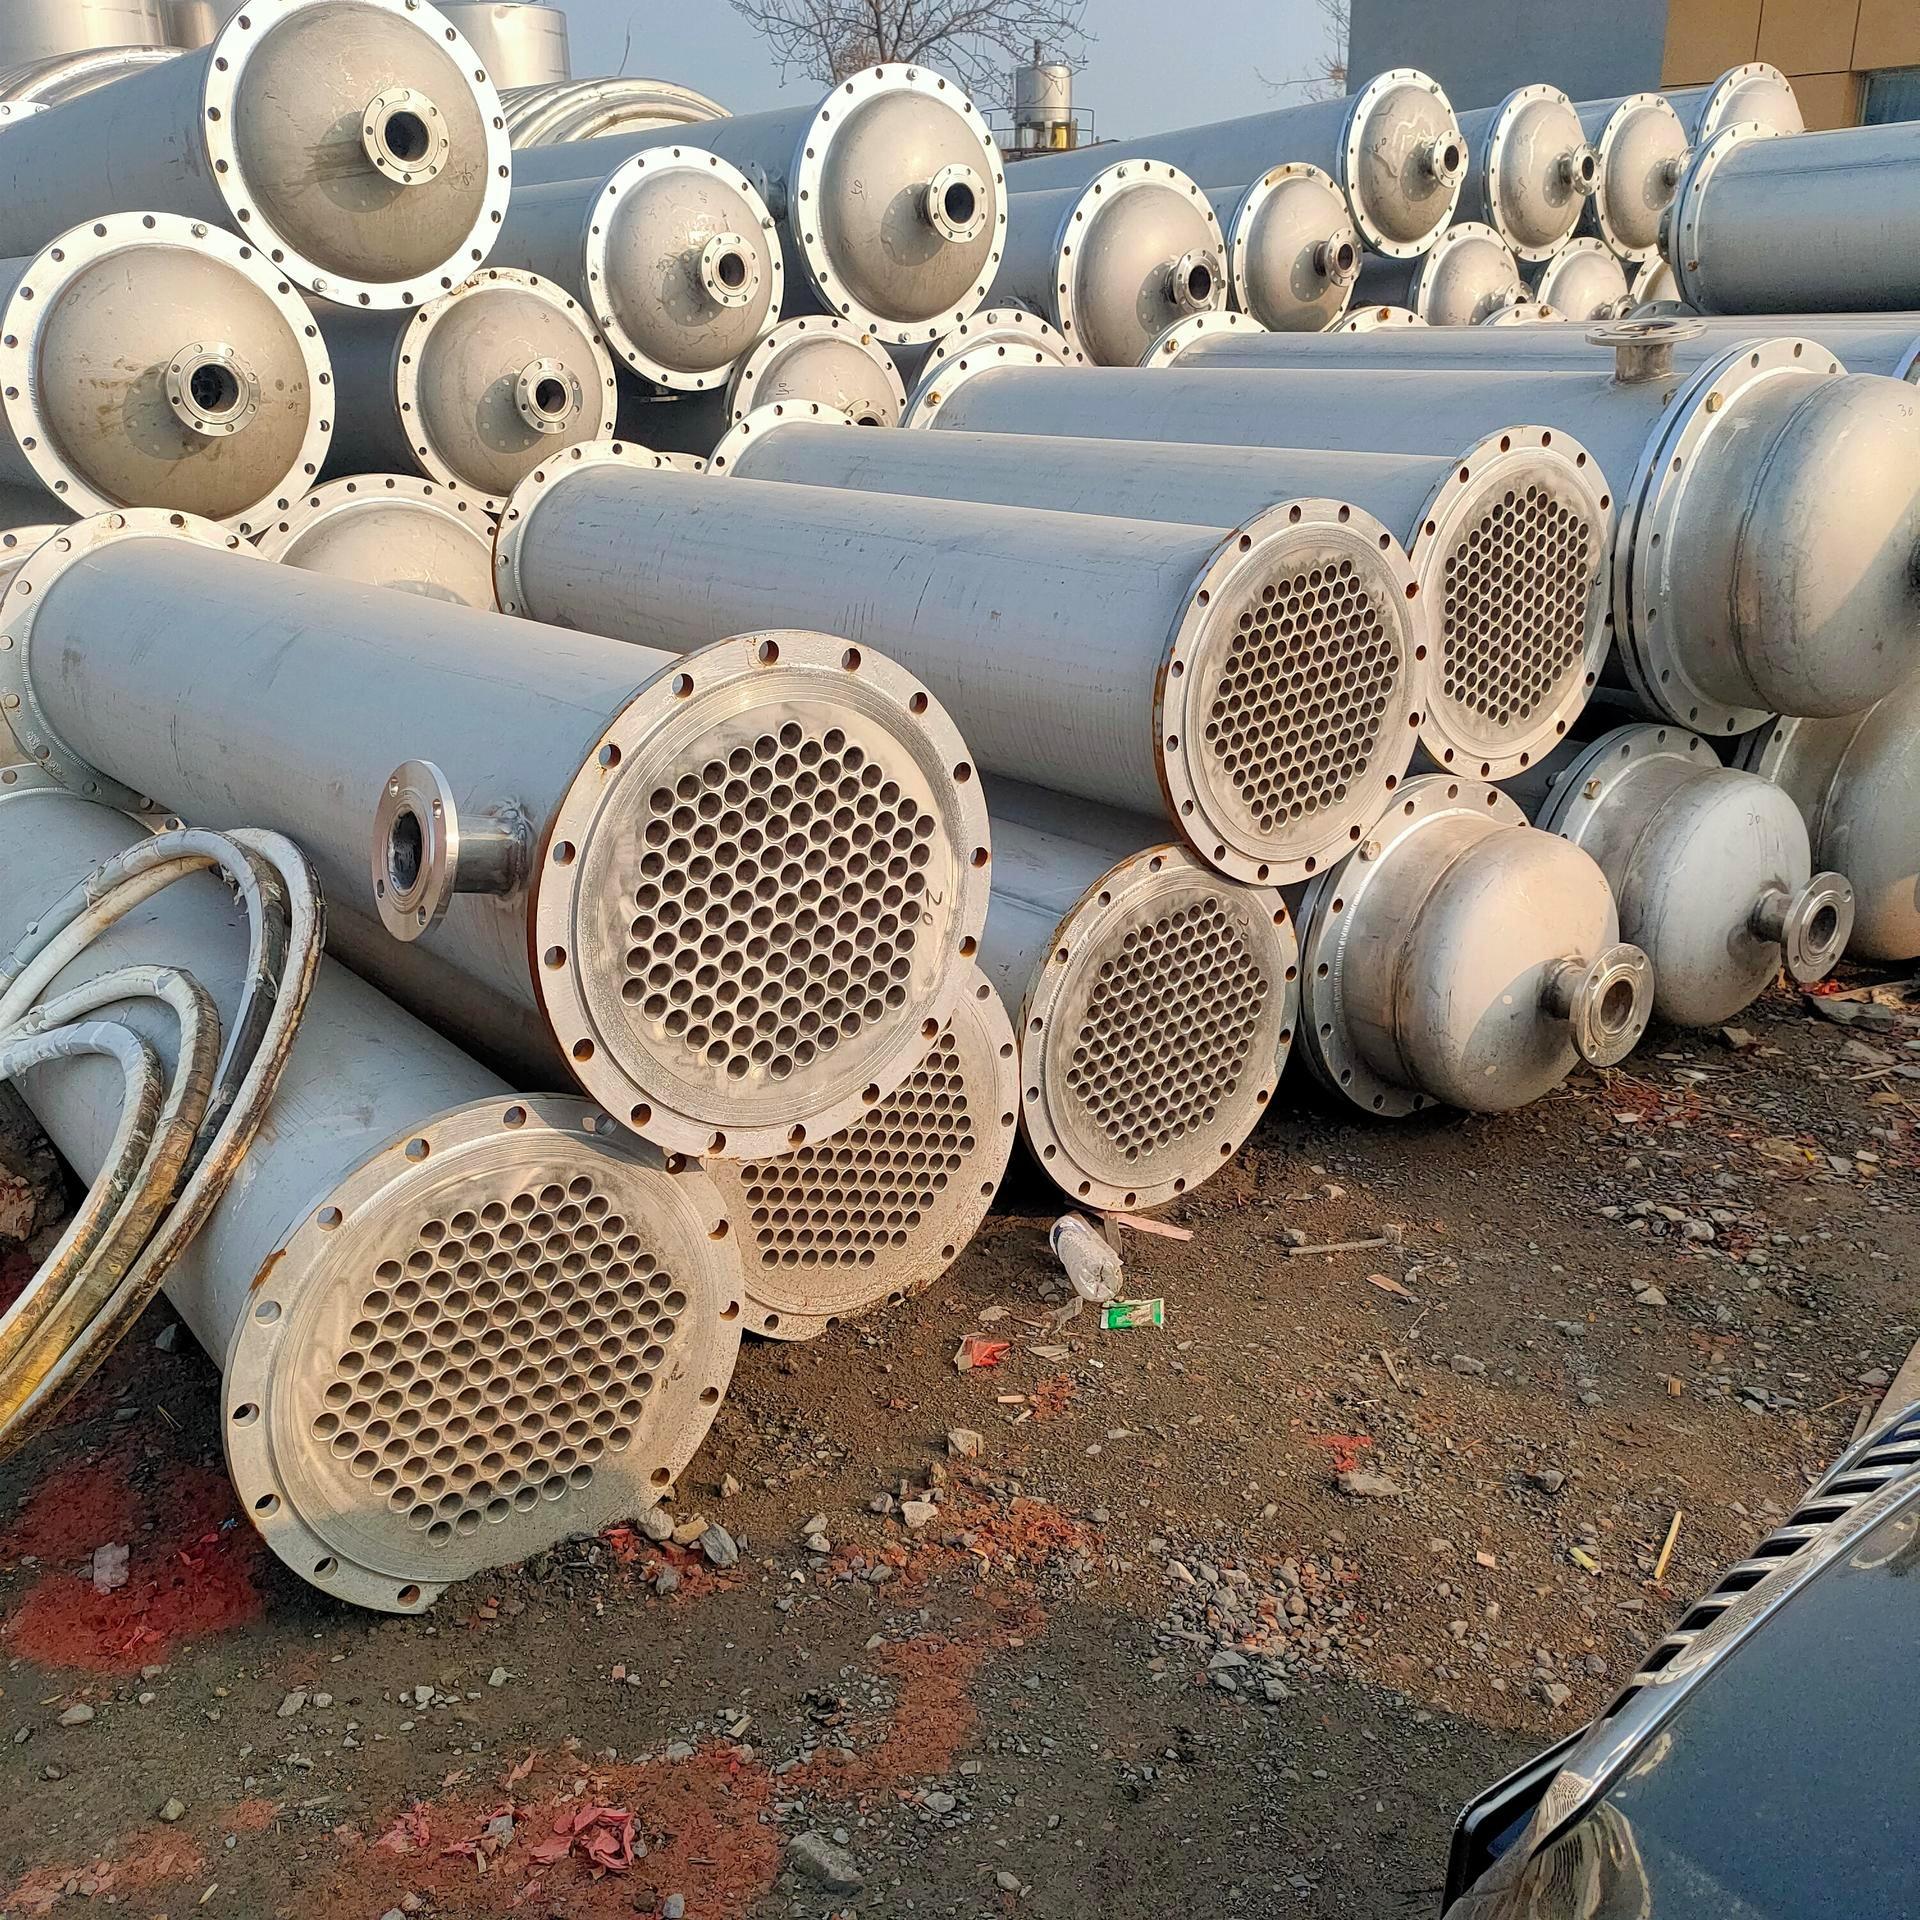 现售现货二手冷凝器 鲲鹏 二手不锈钢列管式冷凝器 二手搪瓷片式冷凝器 型号齐全